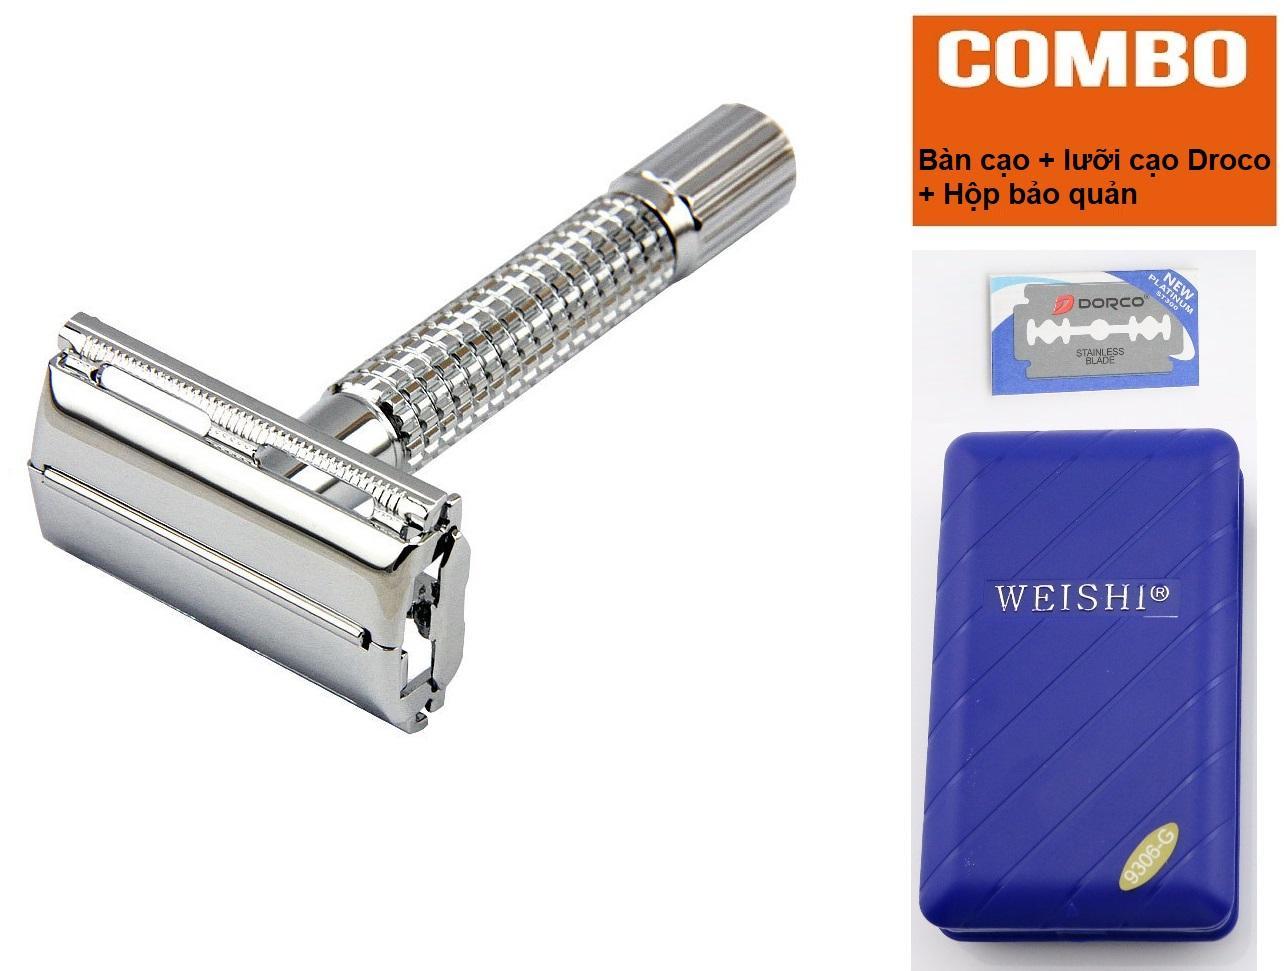 Dụng cụ cạo râu truyền thống Weishi 9306 dụng cụ không thể thiếu giành cho phái mạnh[HB][SVE] giá rẻ